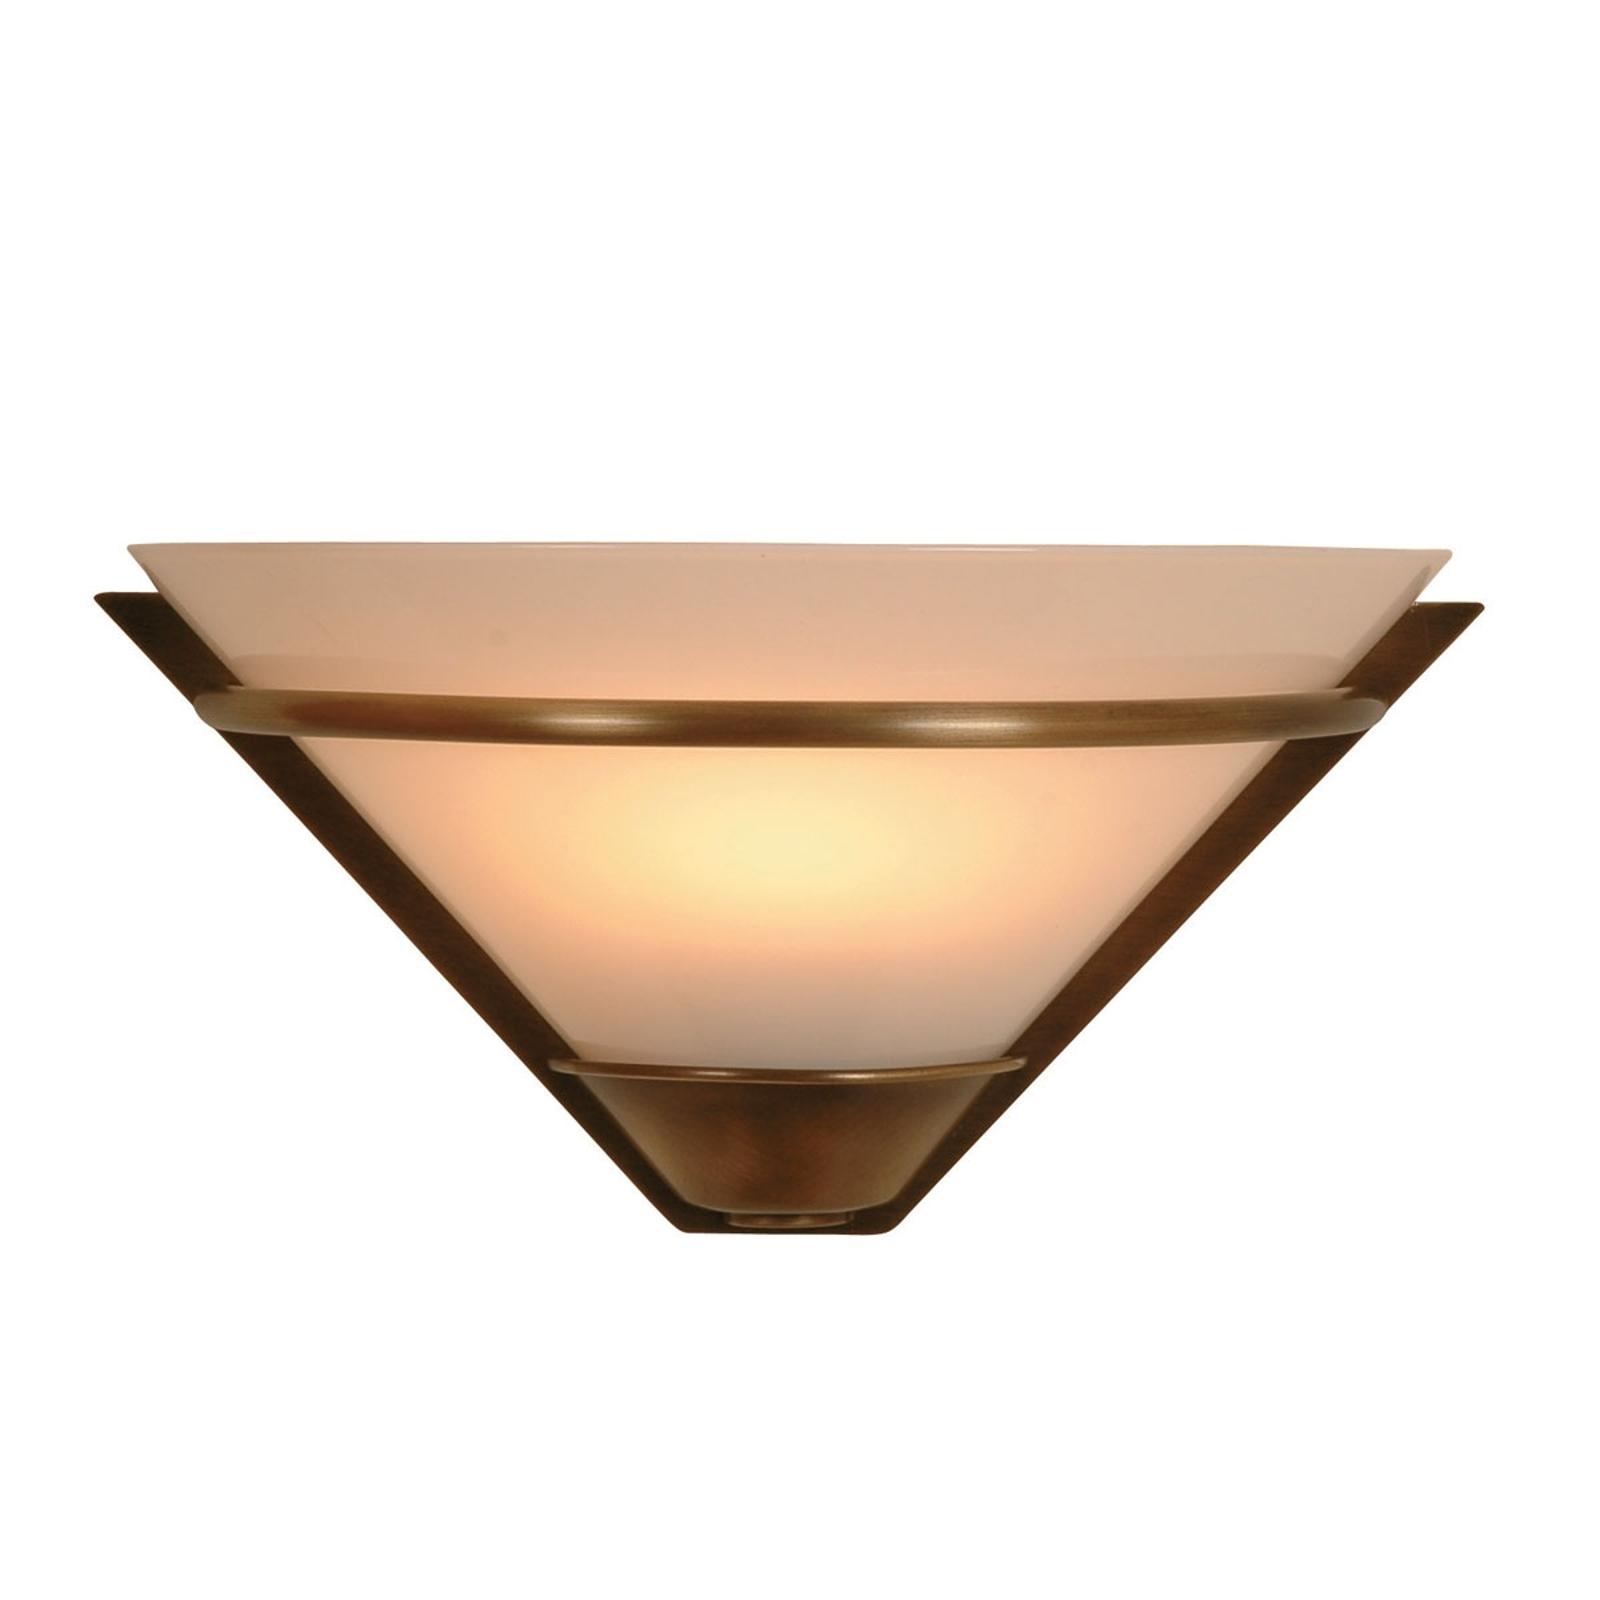 Applique ANNO 1900 en verre opale et laiton bruni